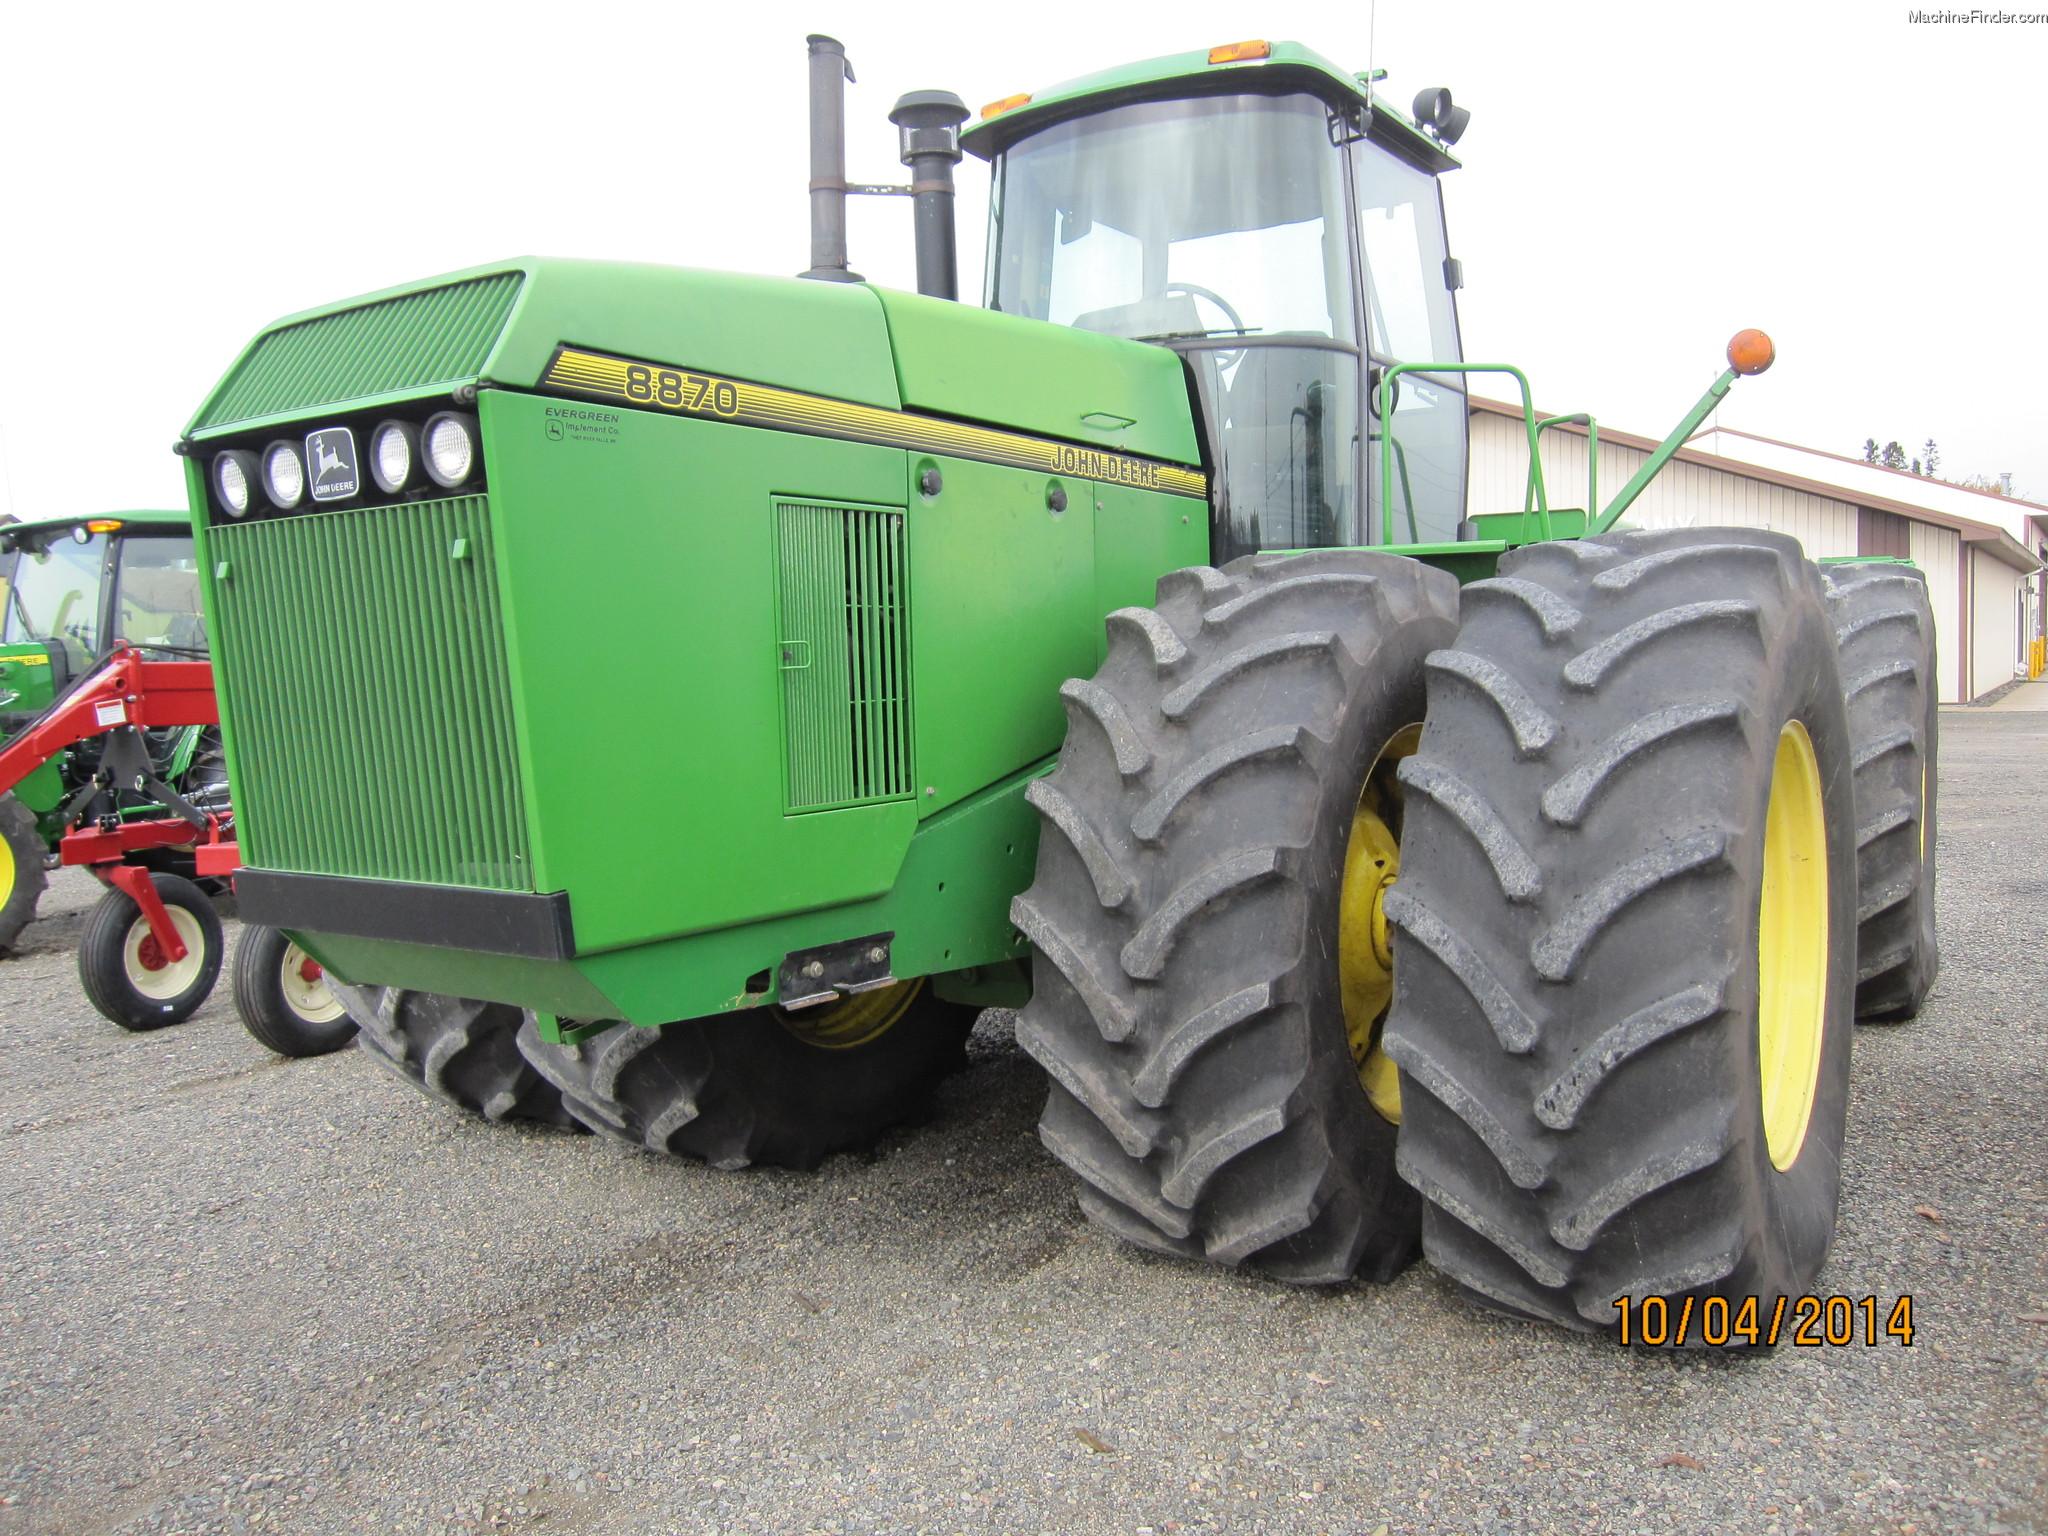 1996 John Deere 8870 Tractors - Articulated 4WD - John ...